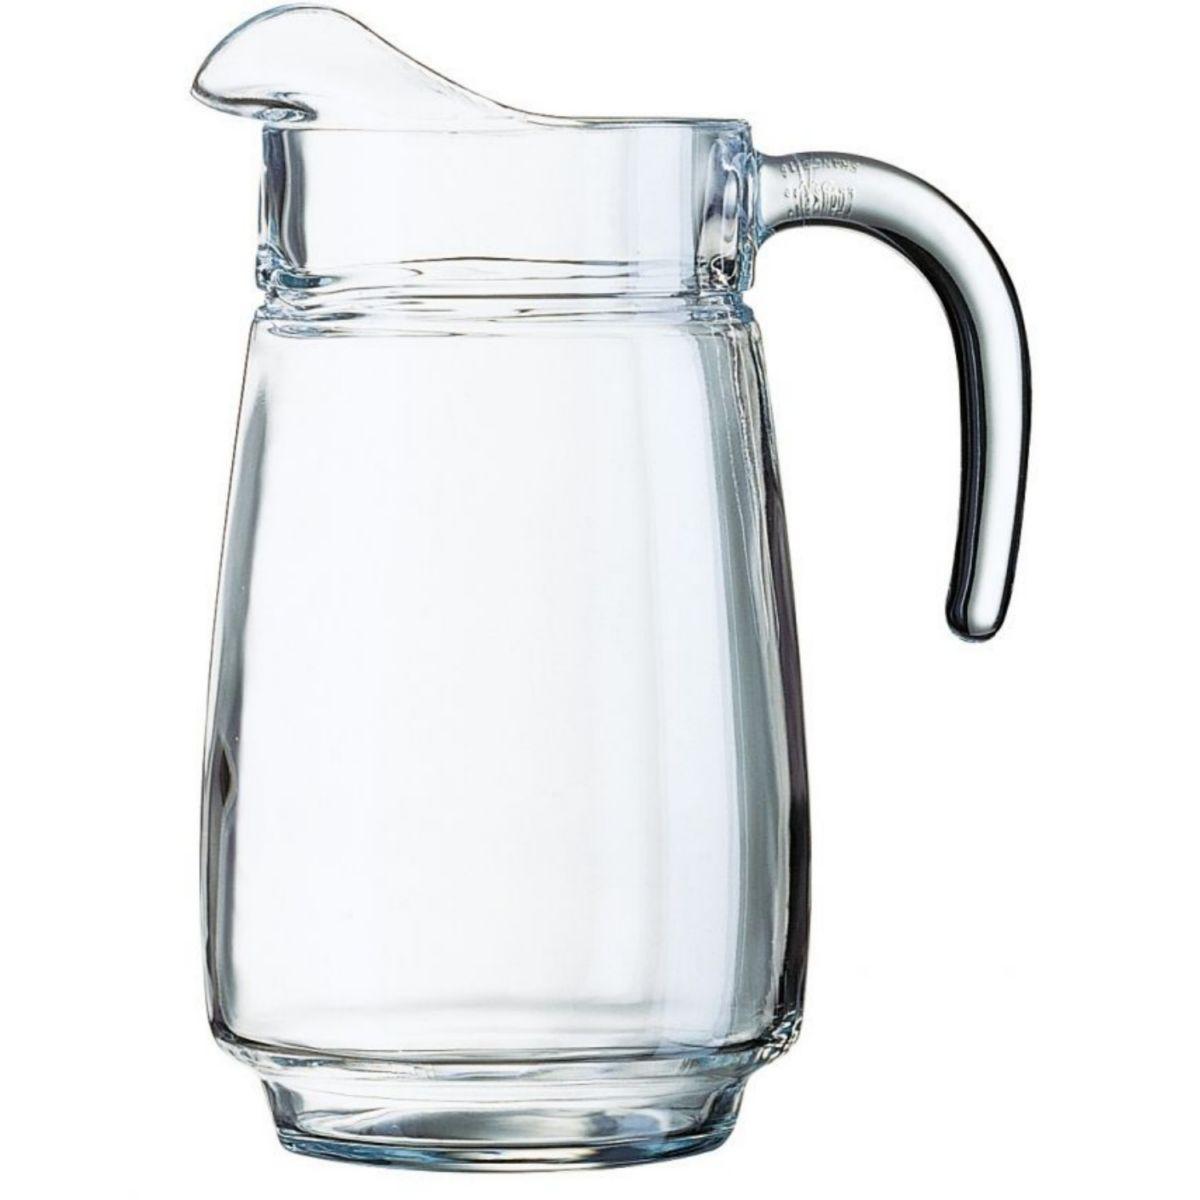 TIVOLI džbán 2,3 l s brzdou na led